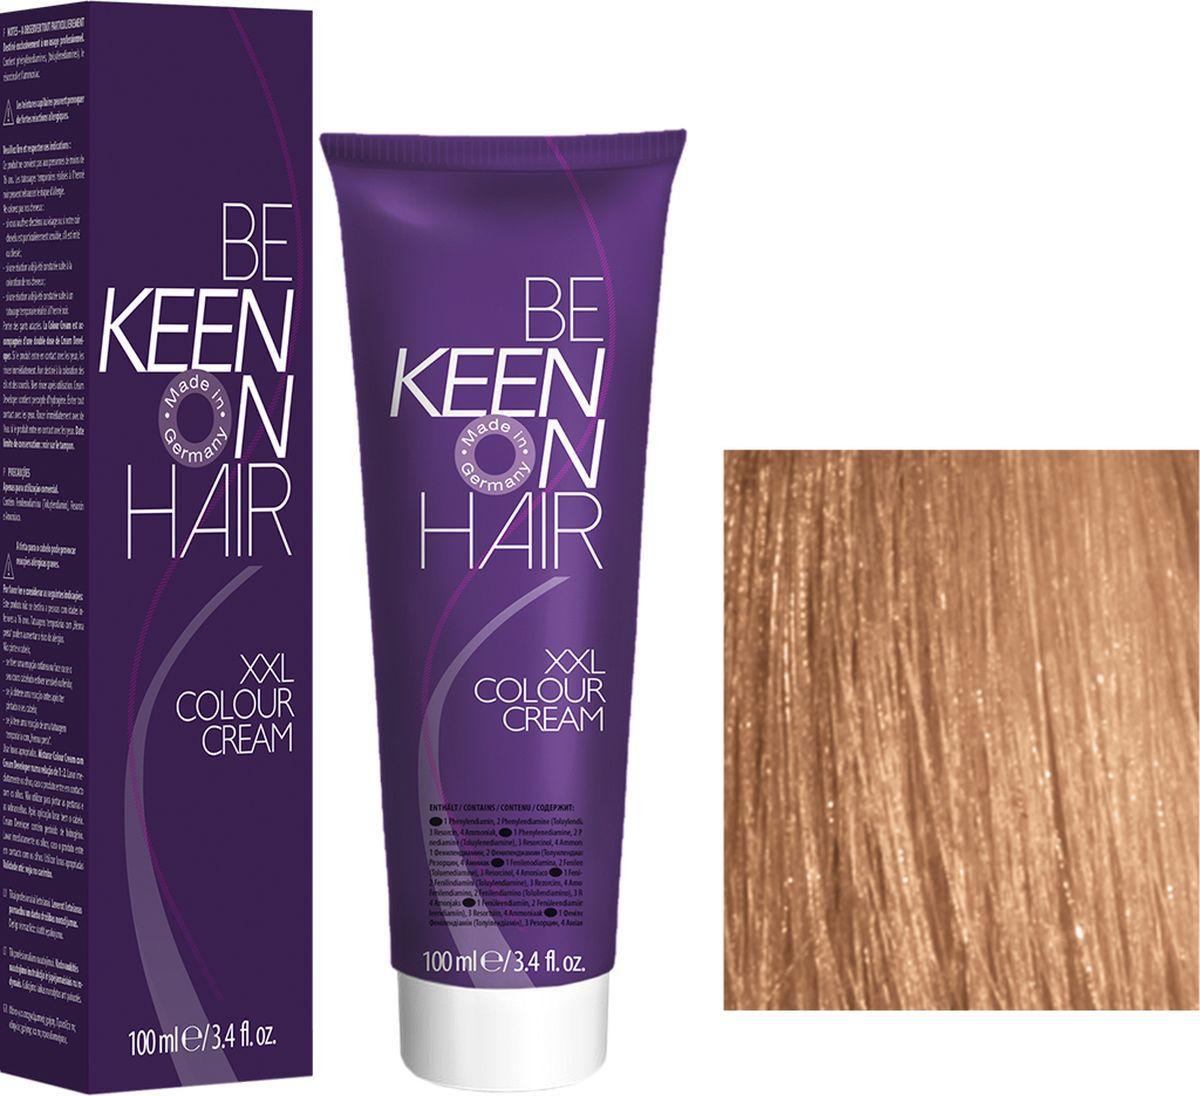 Keen Краска для волос 8.3 Золотистый блондин Blond Gold, 100 мл69100073Модные оттенкиБолее 100 оттенков для креативной комбинации цветов.ЭкономичностьПри использовании тюбика 100 мл вы получаете оптимальное соотношение цены и качества!УходМолочный белок поддерживает структуру волоса во время окрашивания и придает волосам блеск и шелковистость. Протеины хорошо встраиваются в волосы и снабжают их влагой.